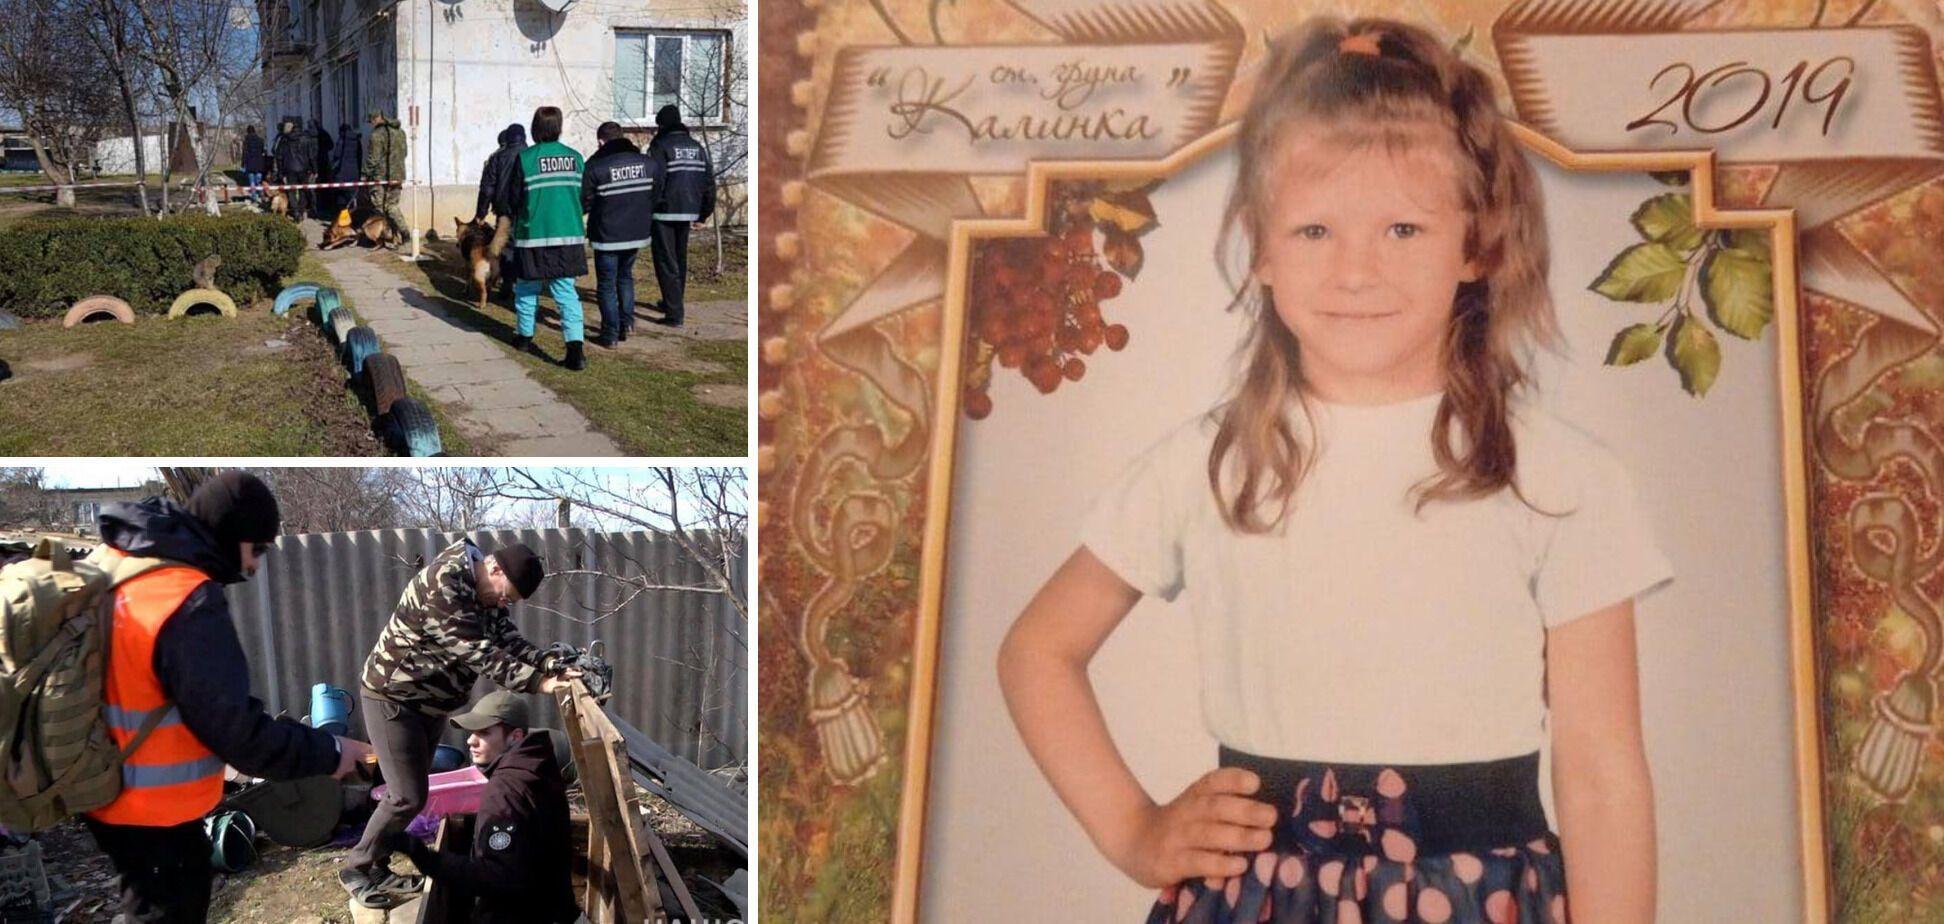 Подозреваемый в убийстве Маши Борисовой уже насиловал ребенка в этом селе на Херсонщине, – местный житель